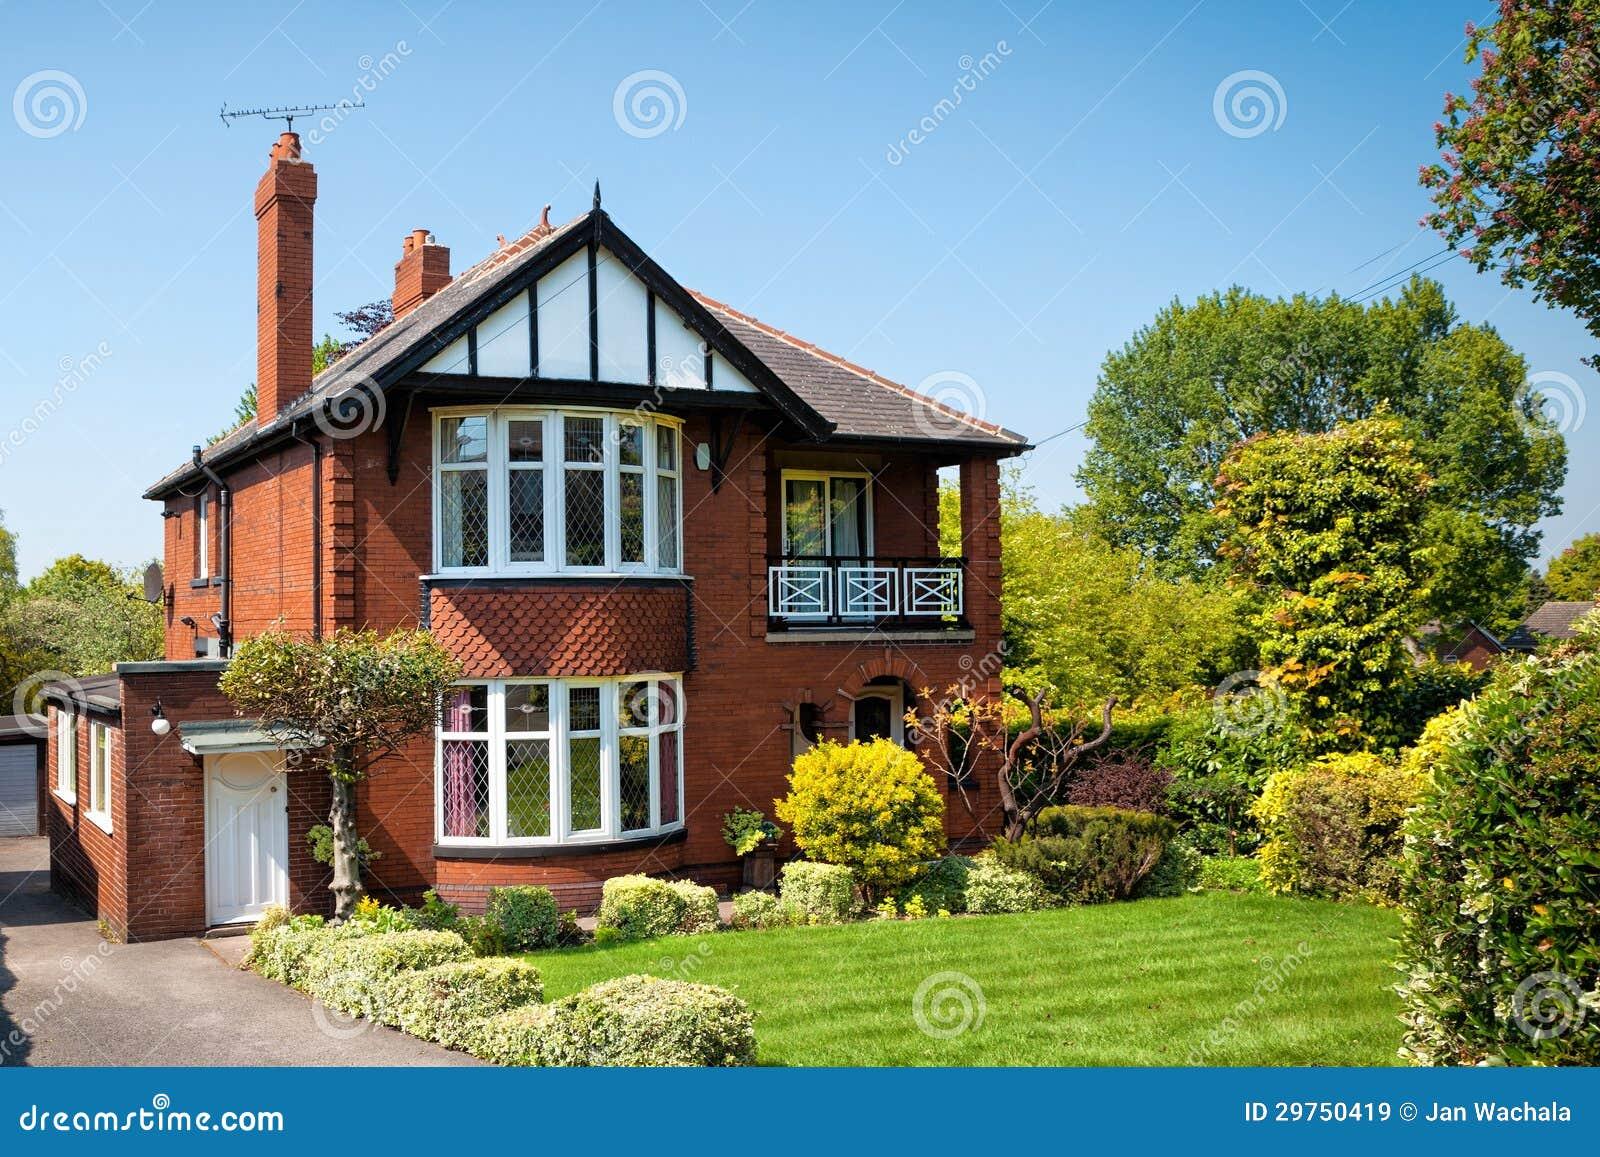 Maison anglaise typique avec un jardin images libres de droits image 29750419 - Maison anglaise typique ...